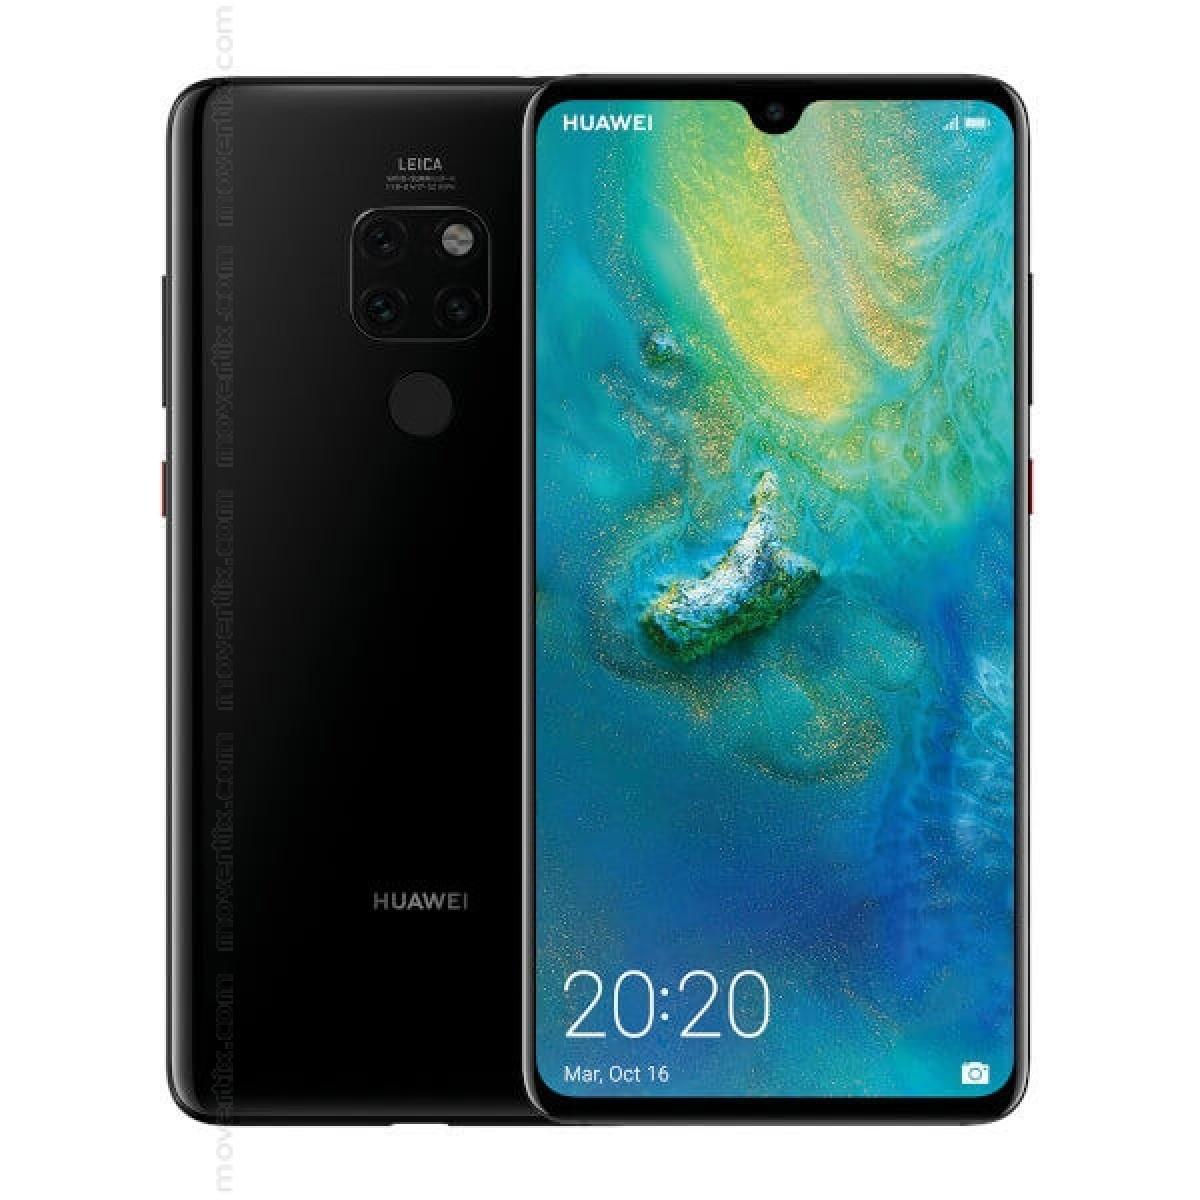 huawei-mate-20-en-negro-de-128gb-y-4gb-ram-hma-l29 Huawei